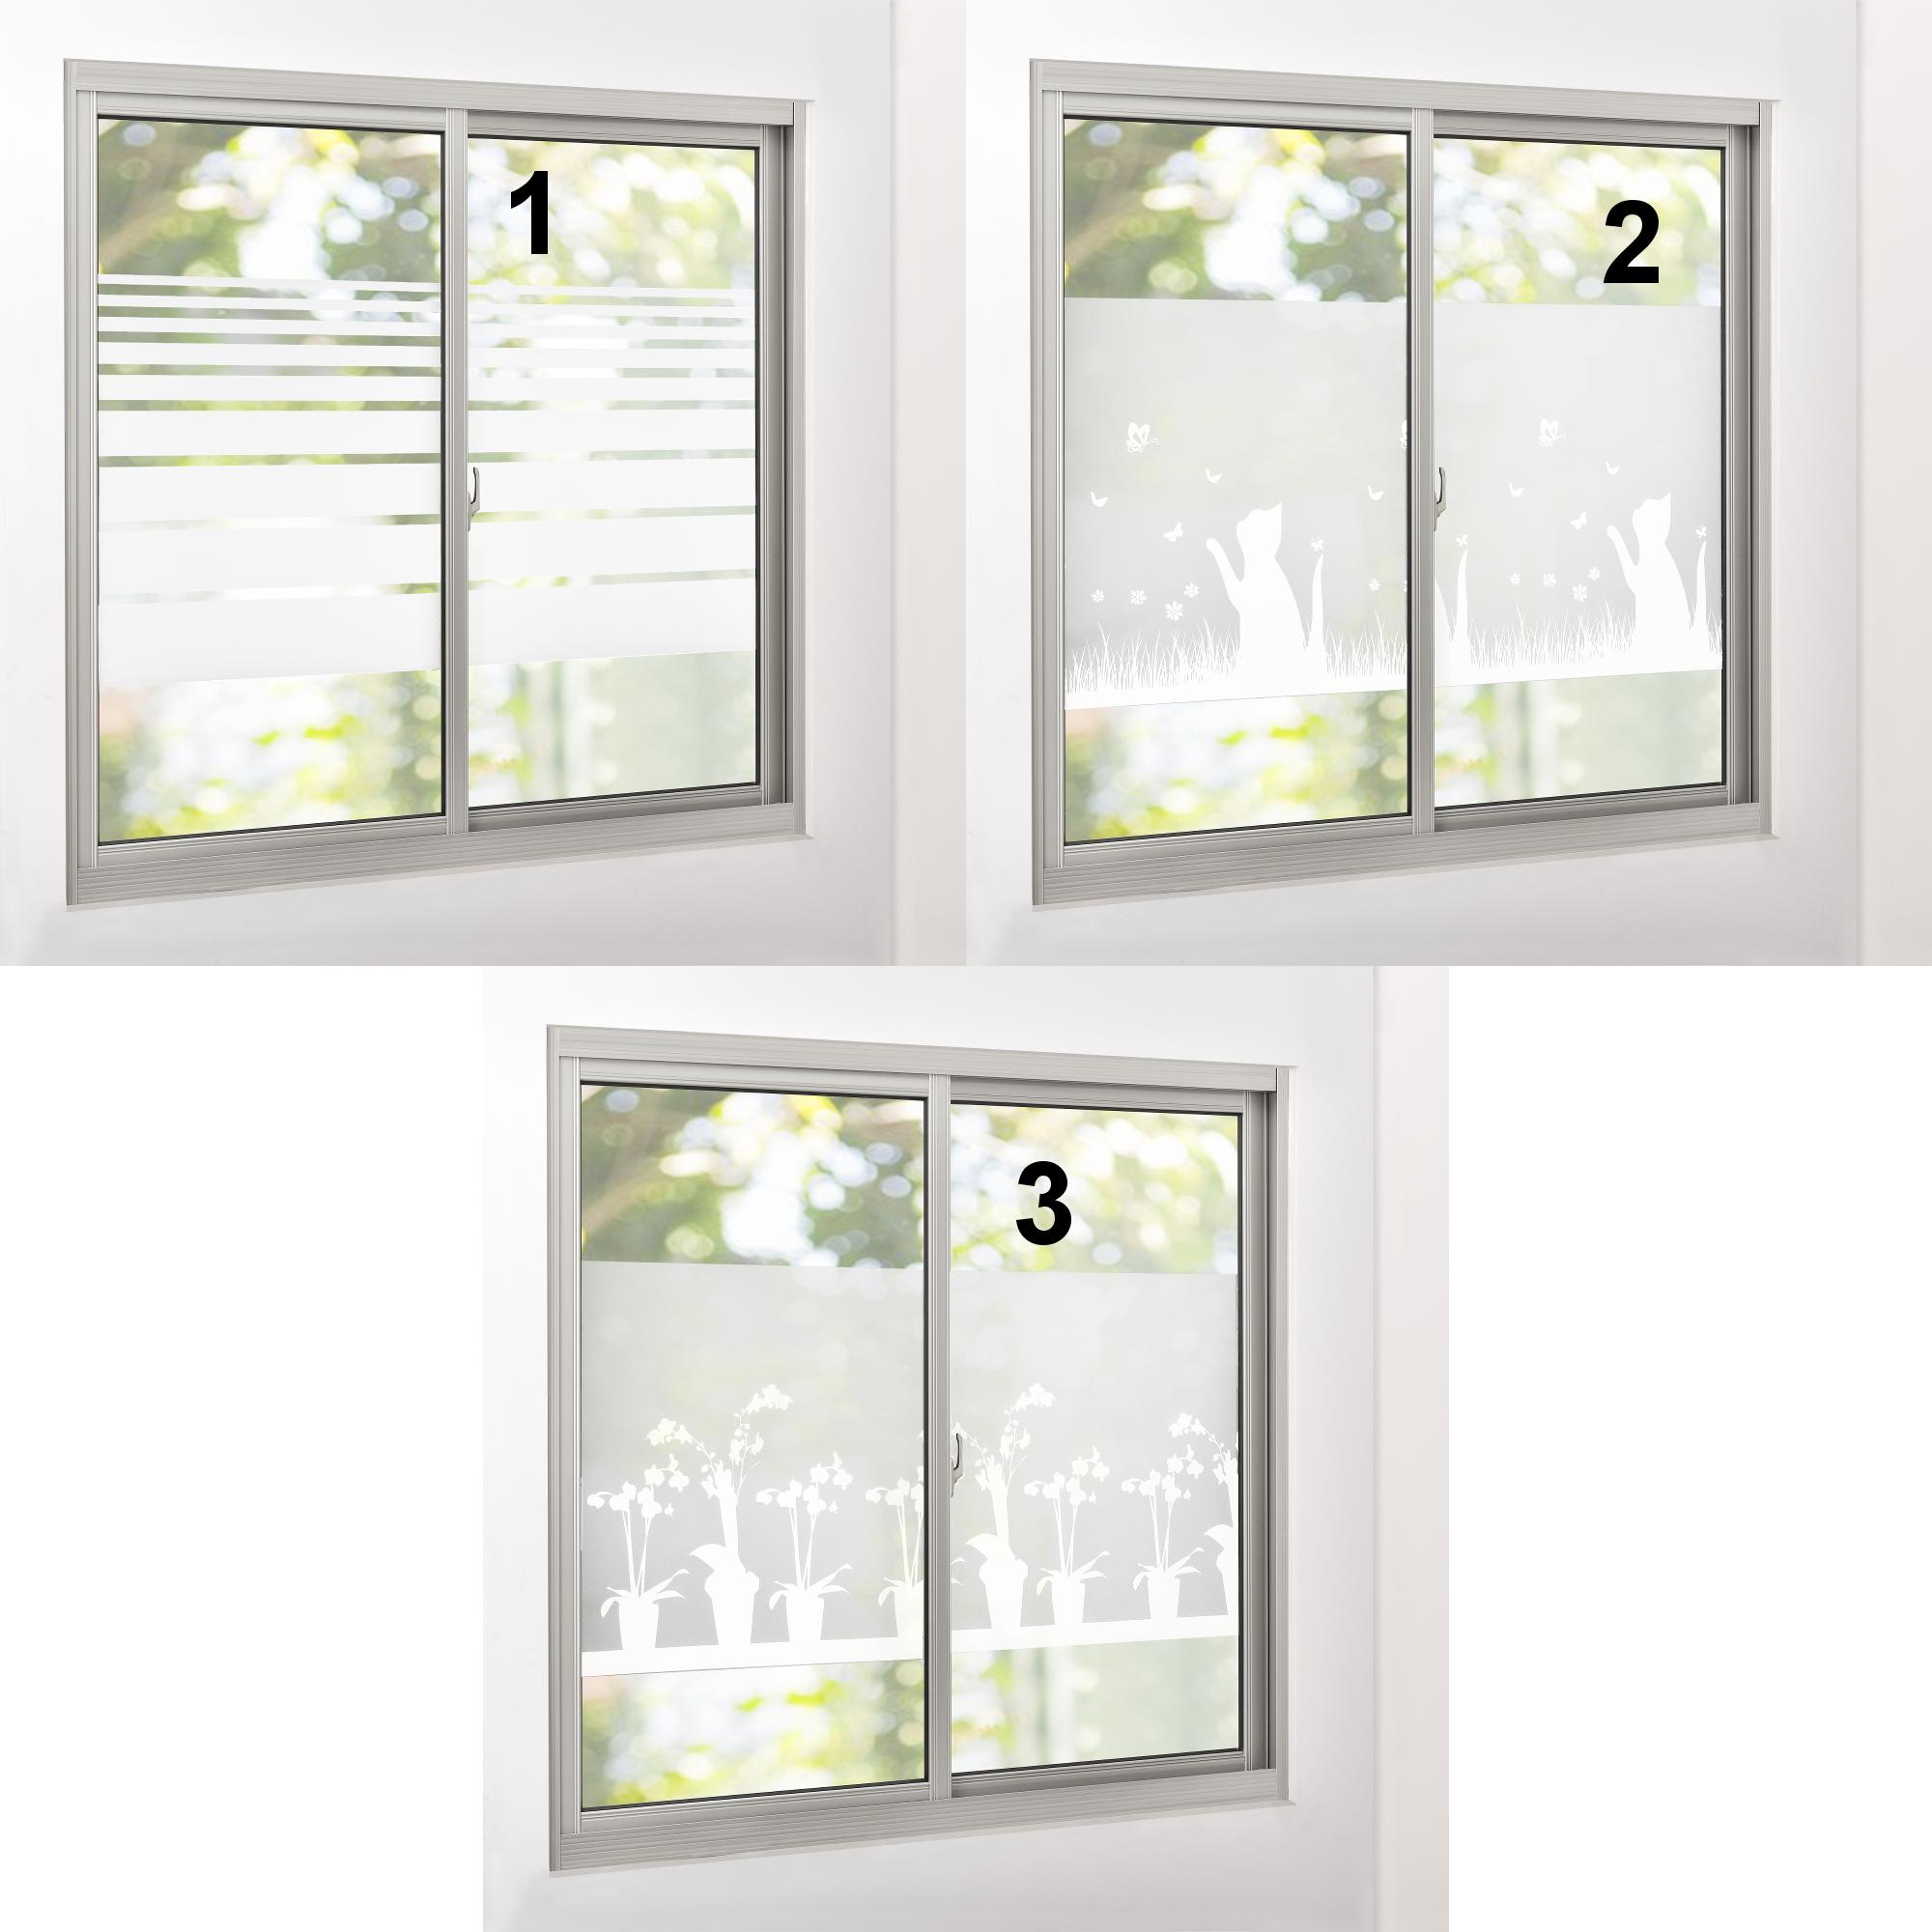 Full Size of Sichtschutzfolie Fenster Innen Anbringen Sichtschutzfolien Motive Obi Hornbach Bauhaus Lidl Statisch Haftend Streifen Einseitig Durchsichtig Aussen Richtig Fenster Fenster Sichtschutzfolie